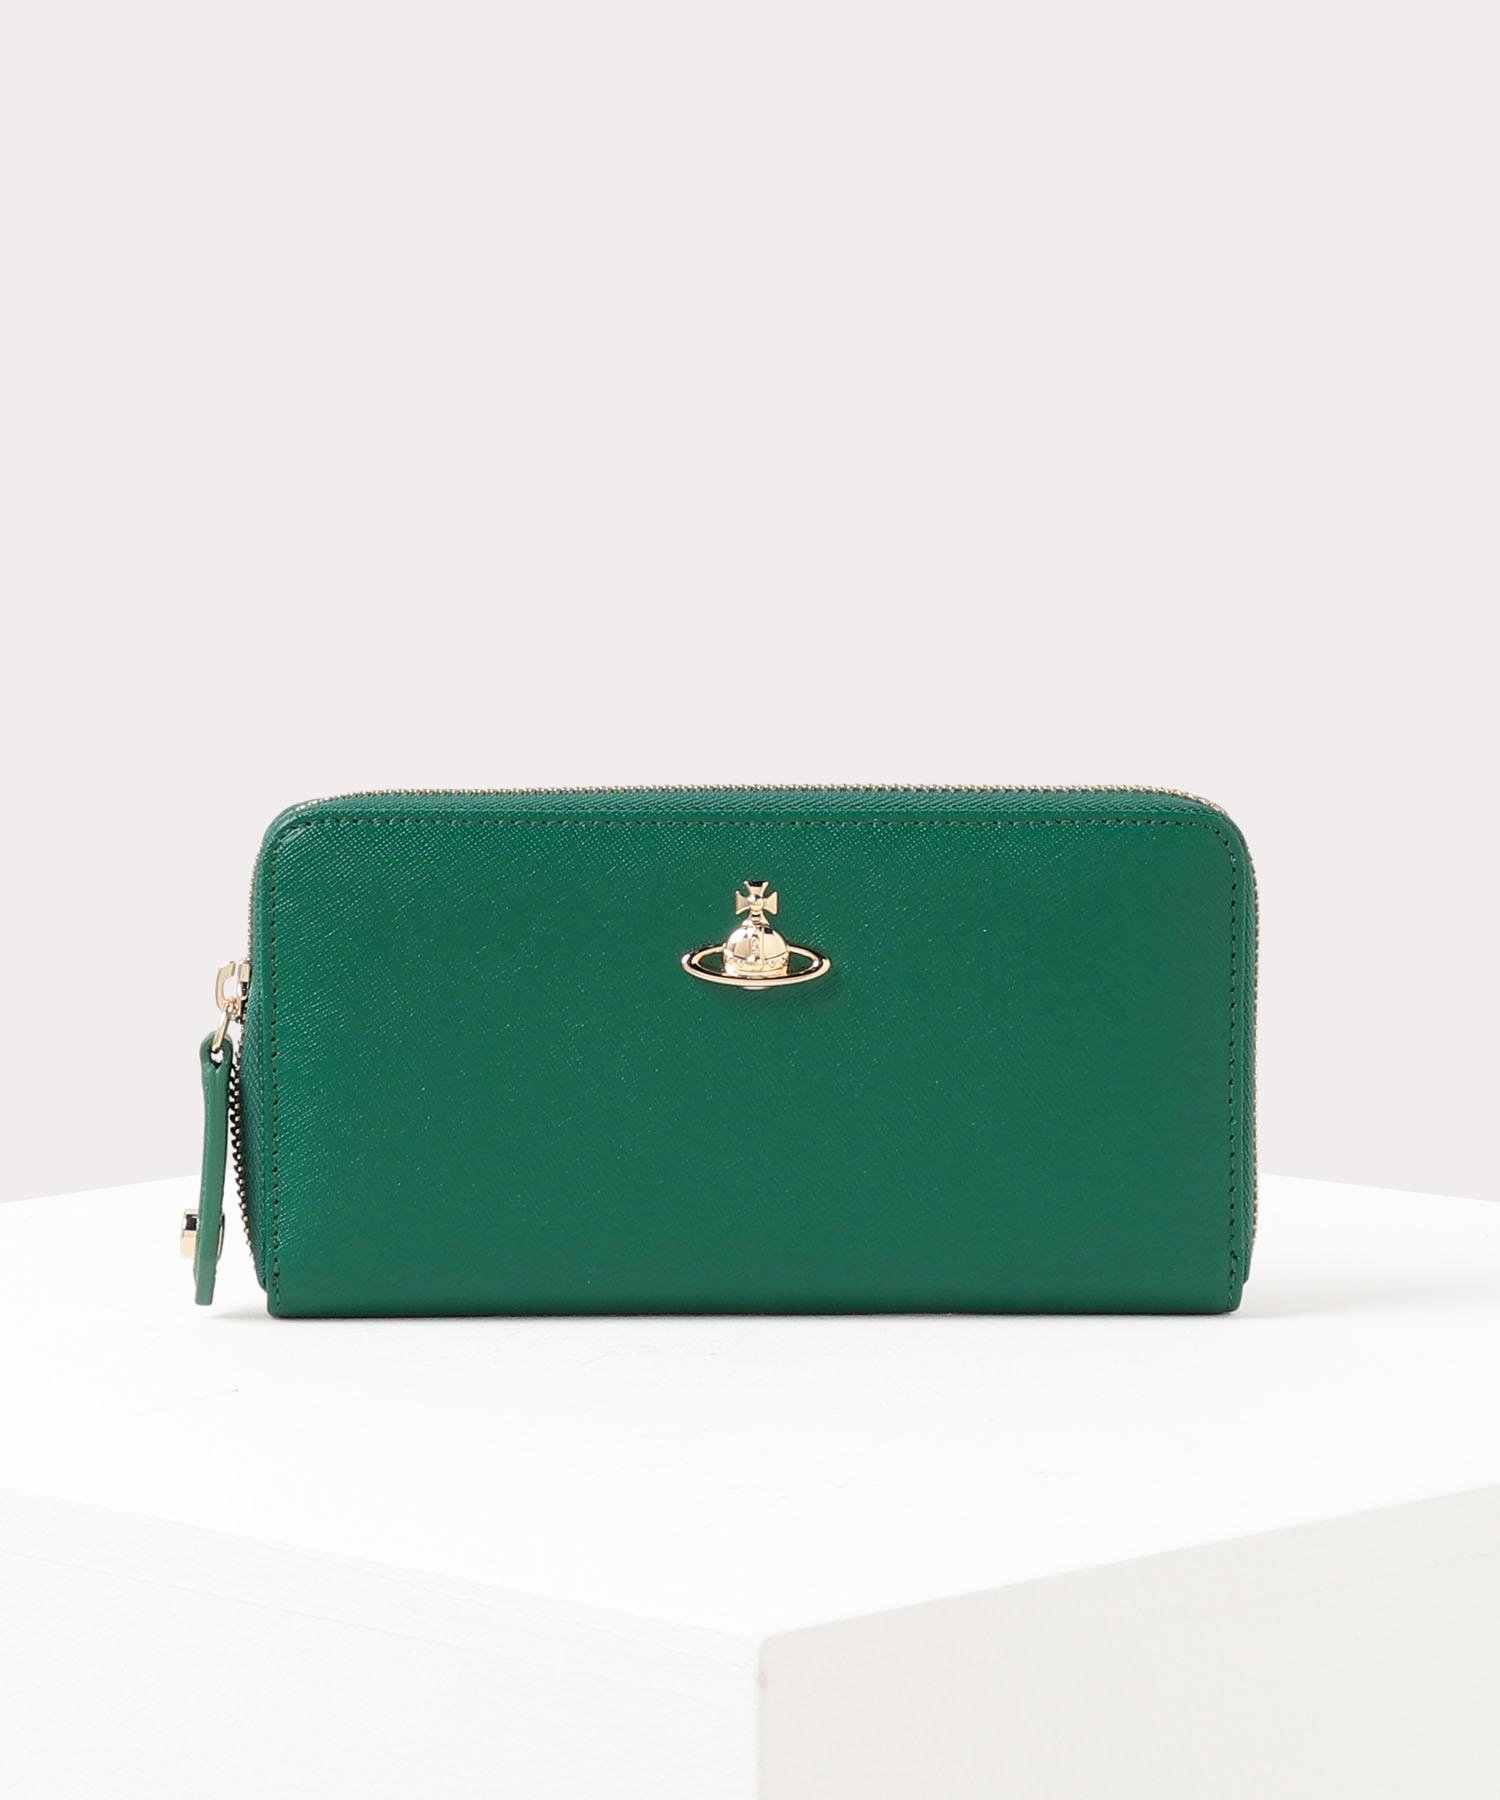 金運&運気アップする緑の財布のおすすめVivienne WestwoodのVICTORIA ラウンドファスナー長財布